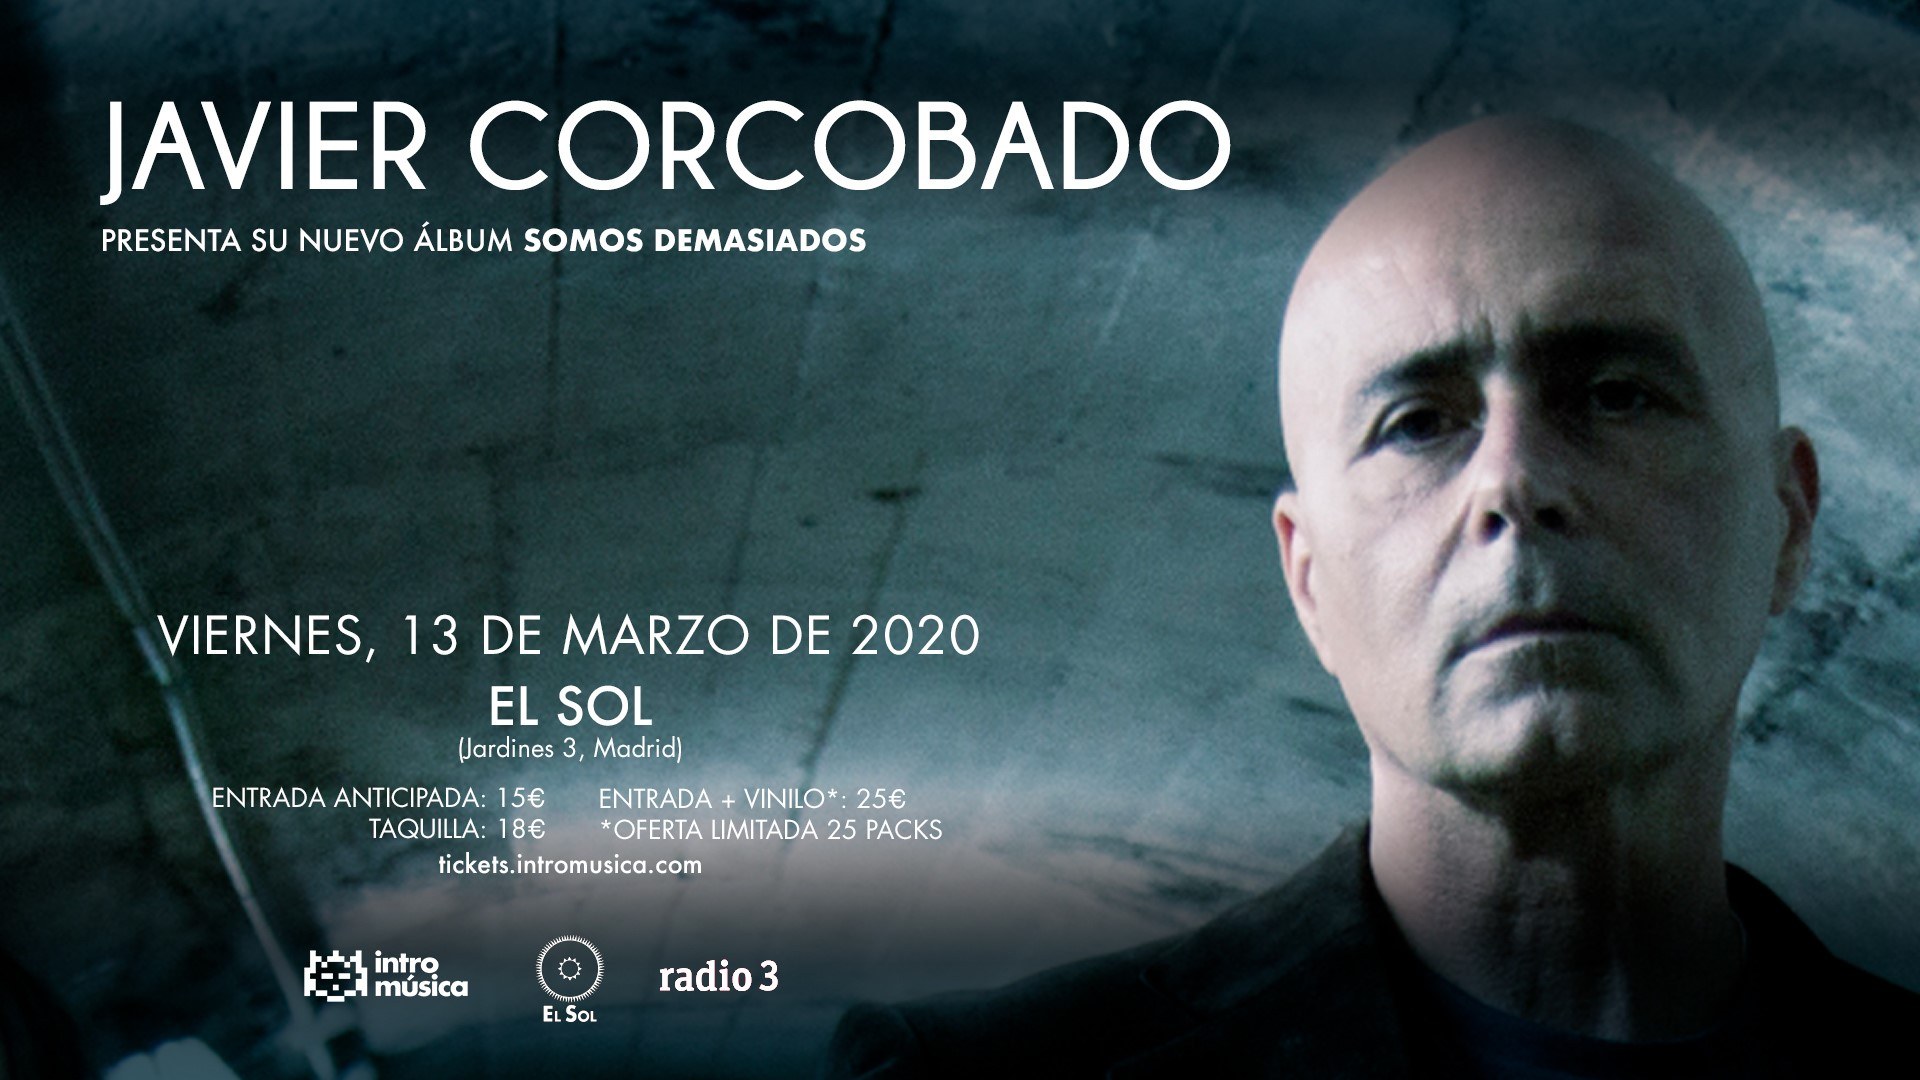 javier corcobado madrid concierto 2020